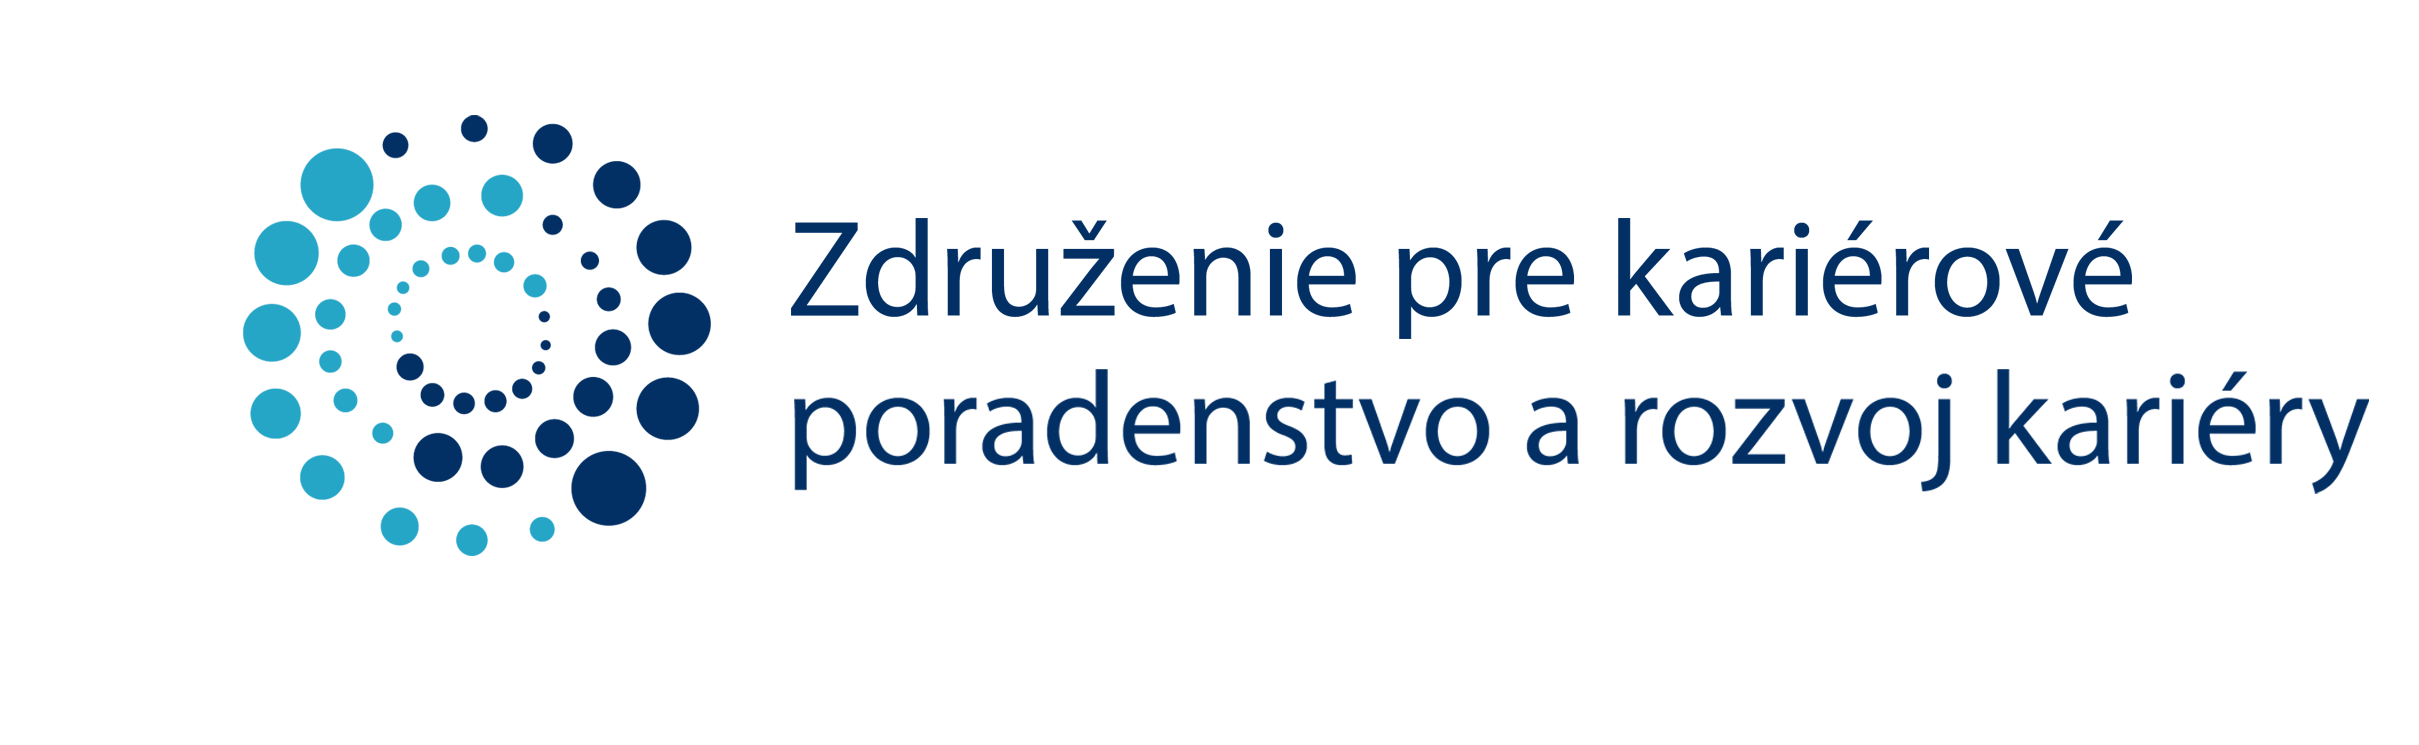 Logo - Združenie pre kariérové poradenstvo a rozvoj kariéry